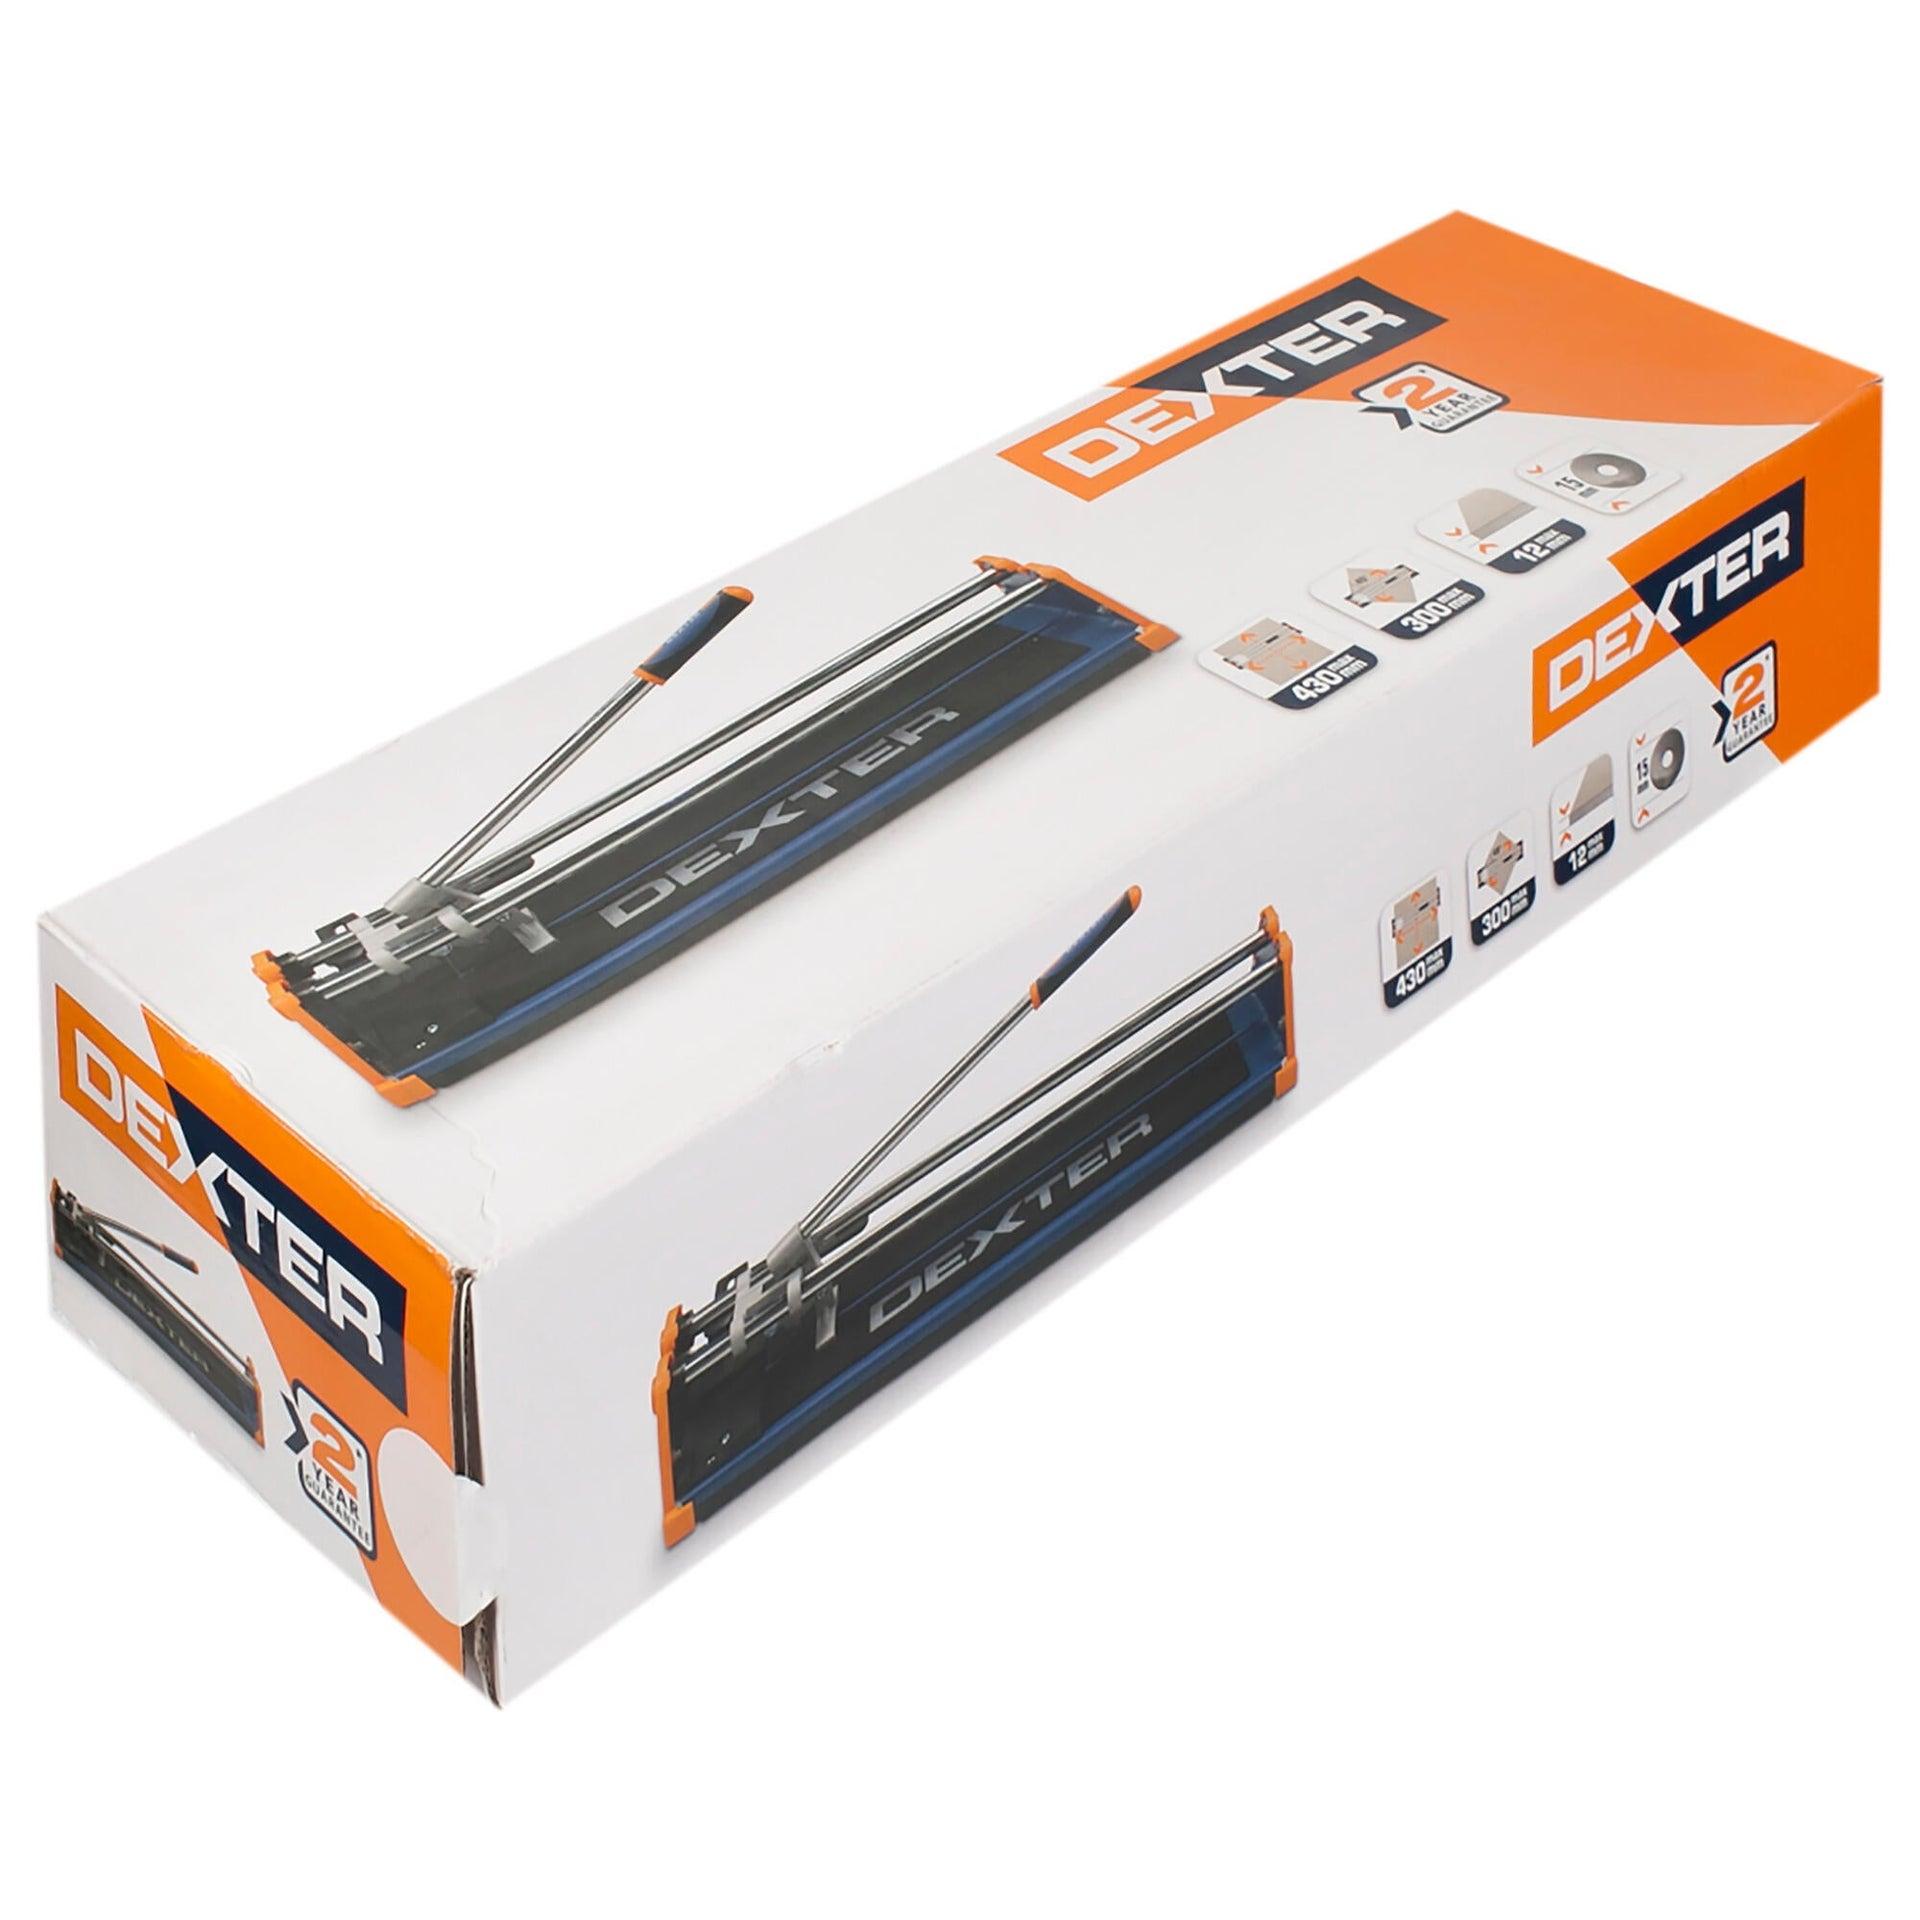 Tagliapiastrelle manuale DEXTER , lunghezza max taglio 430 mm - 4